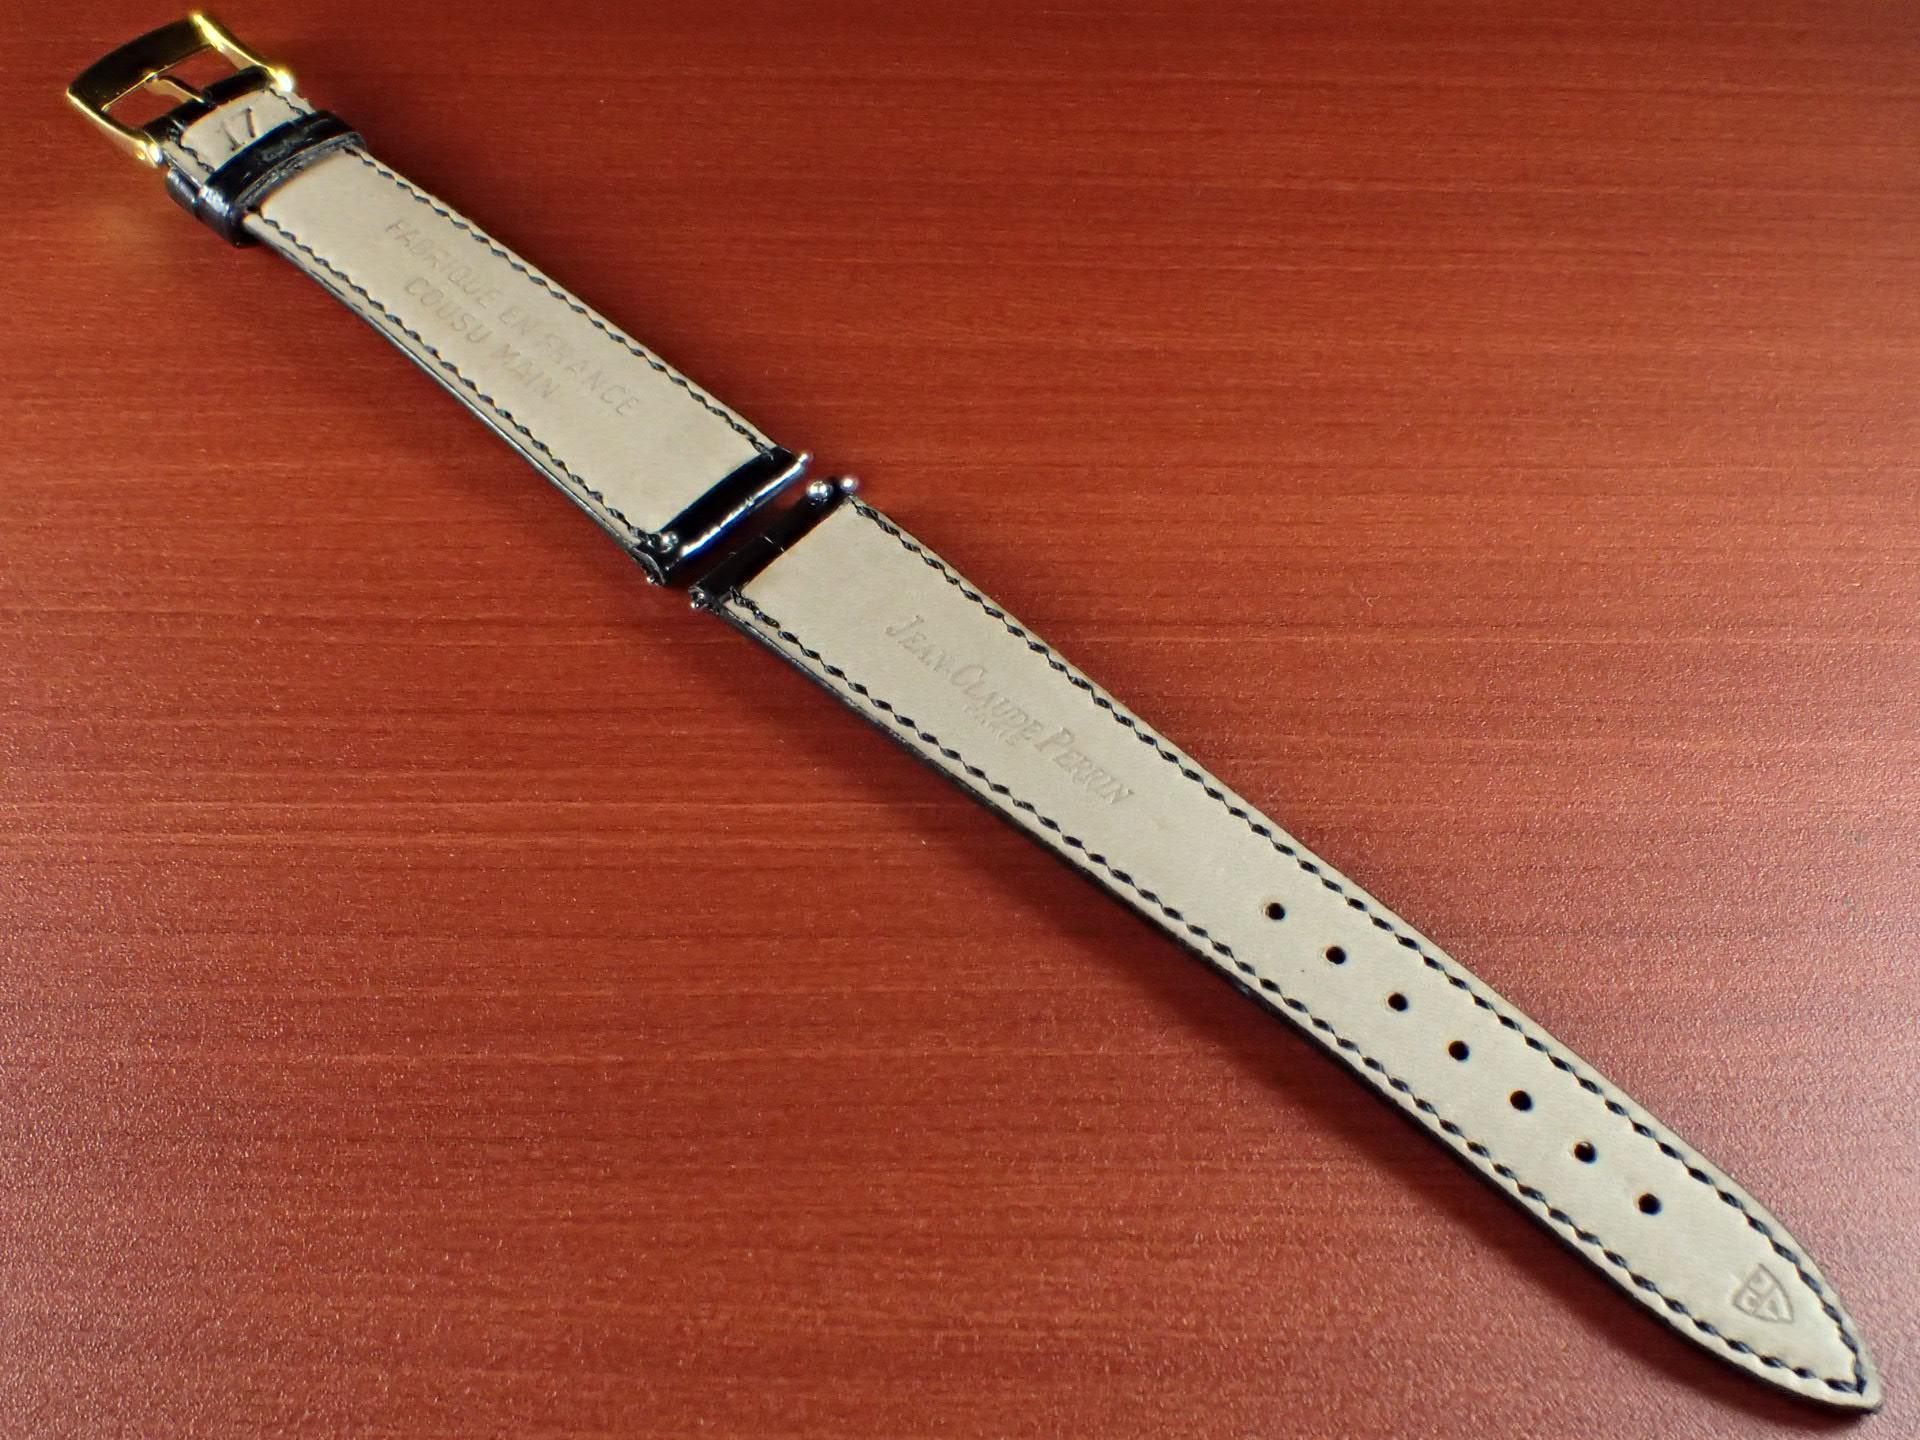 ジャン・クロード ペラン革ベルト(オールドペラン)クロコダイル ブラック 17mm 手縫いの写真2枚目